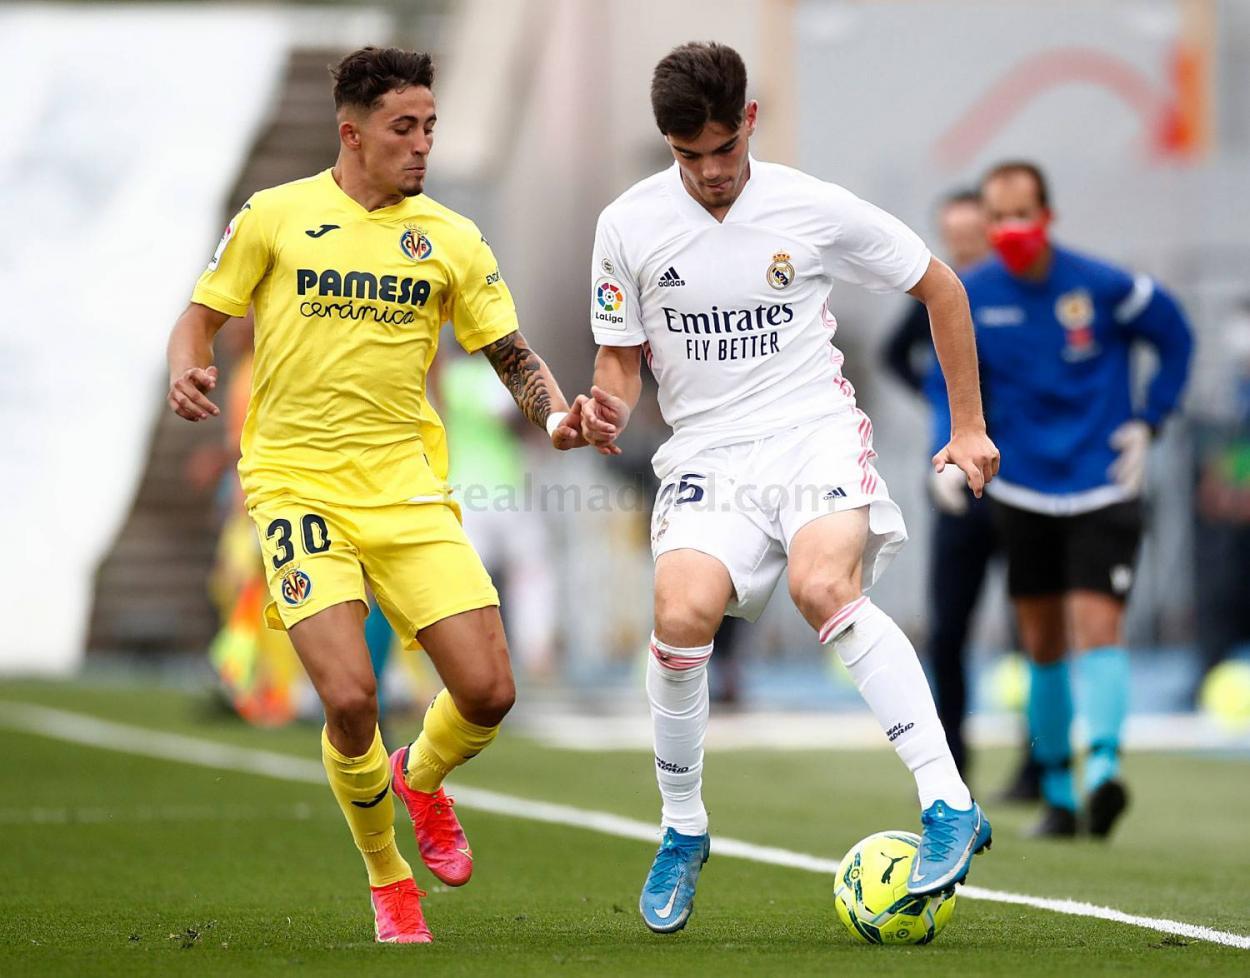 Miguel, en el Real Madri-Villarreal. Fuente: Real Madrid